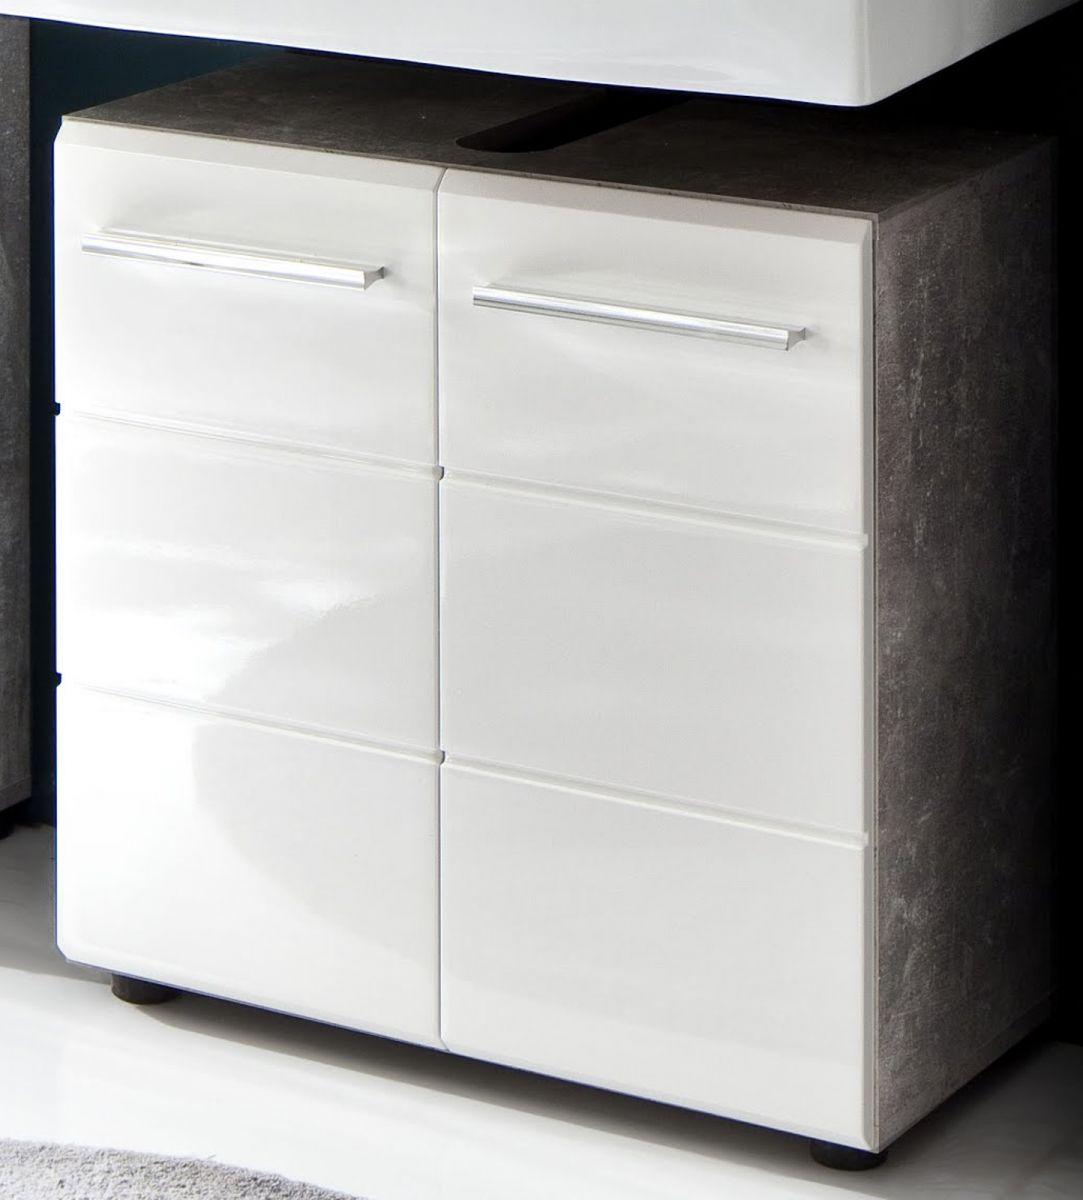 Badmöbel Waschbeckenunterschrank Nano in weiss Hochglanz und Stone Design grau 60 cm